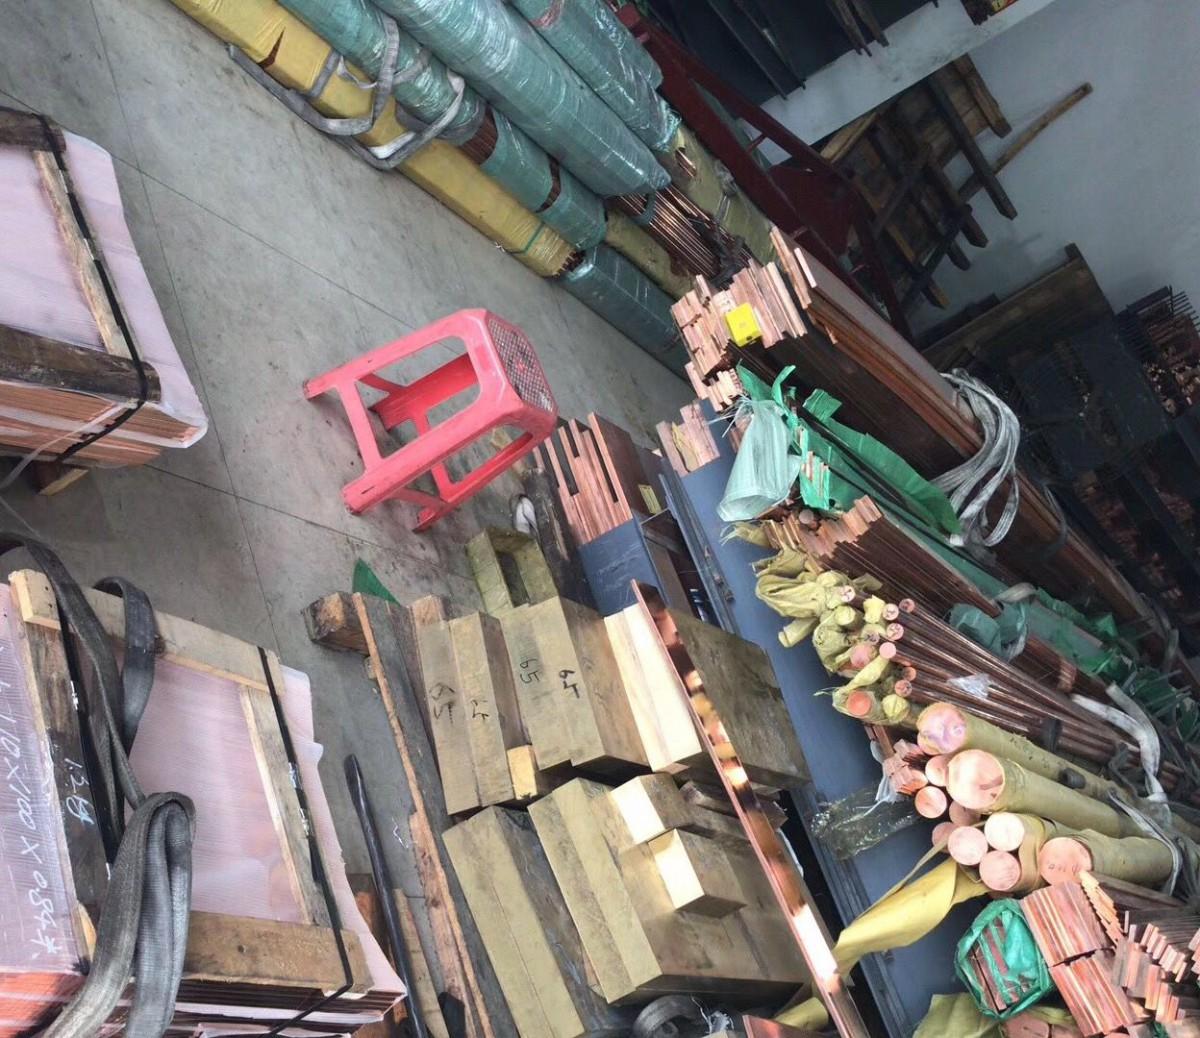 合金渗碳钢sncm220机械结构用合金钢钢材,(sncm21渗碳钢的特性)